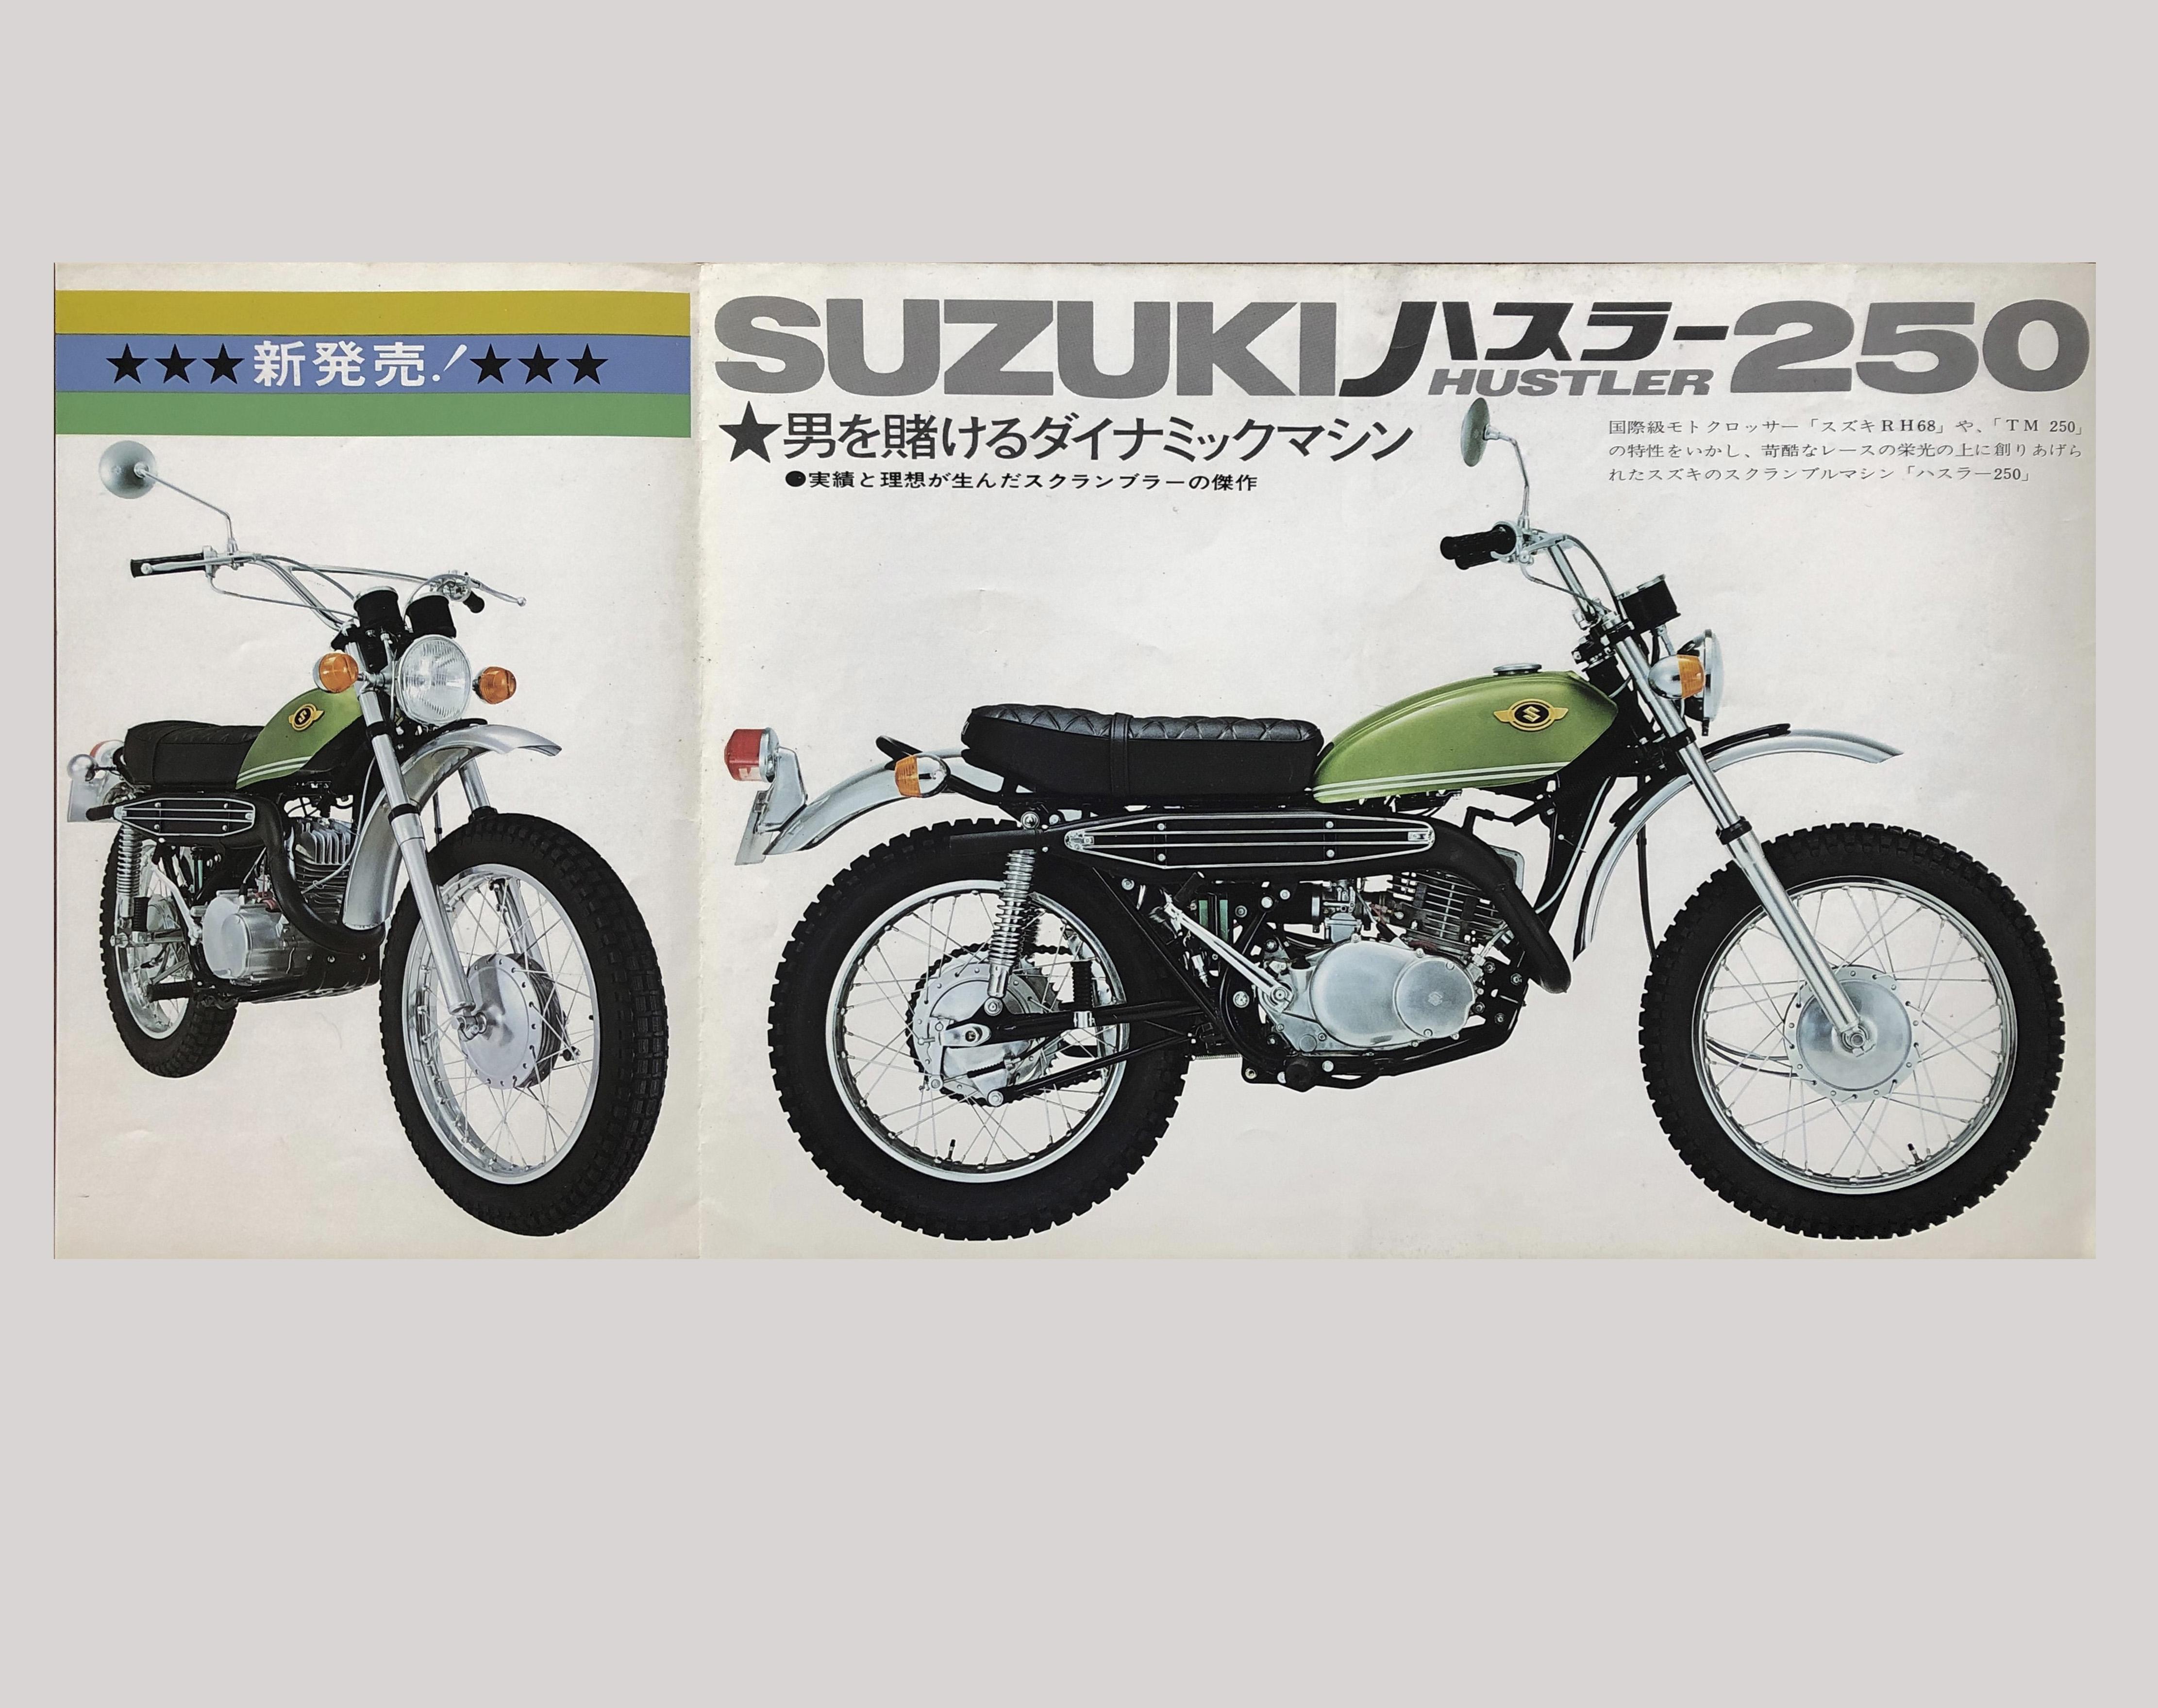 1969年ハスラー250